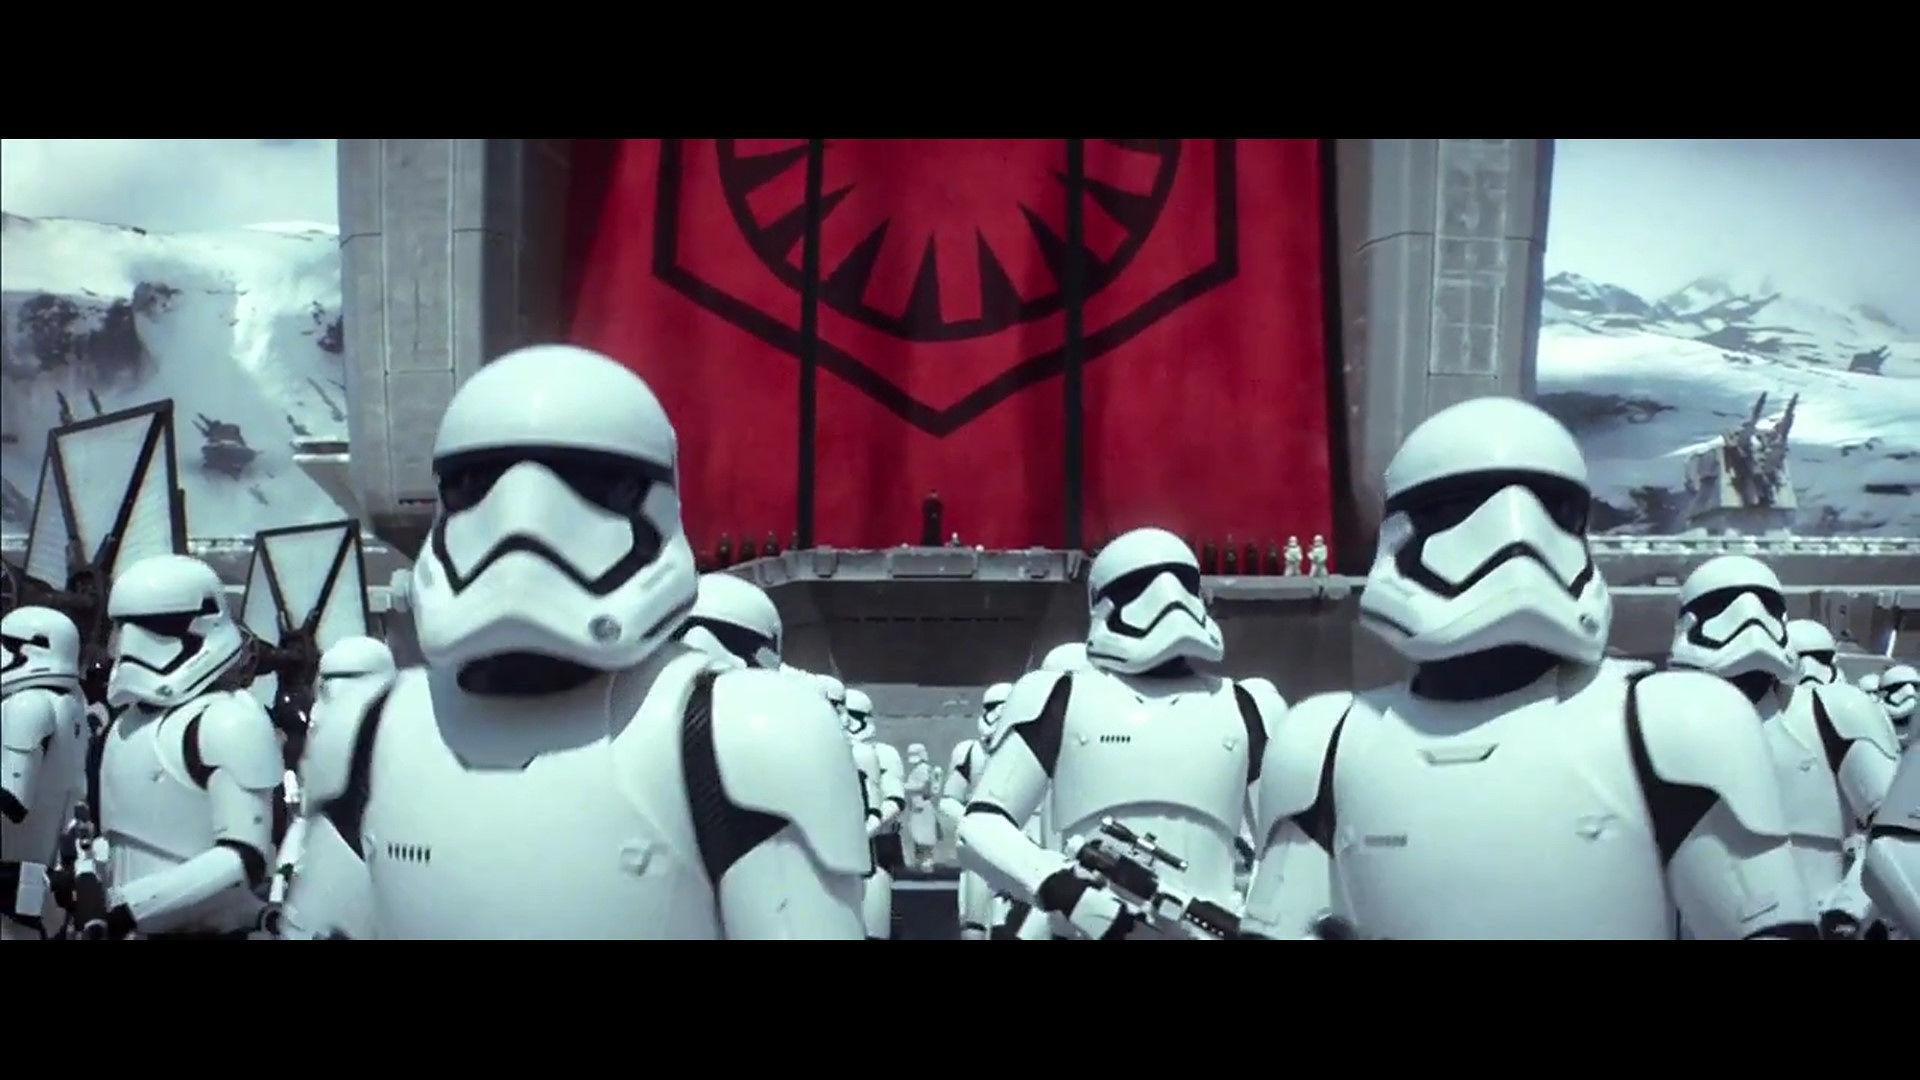 STAR WARS THE FORCE AWAKENS Trailer Breakdown   Ten Things You Missed 1920x1080